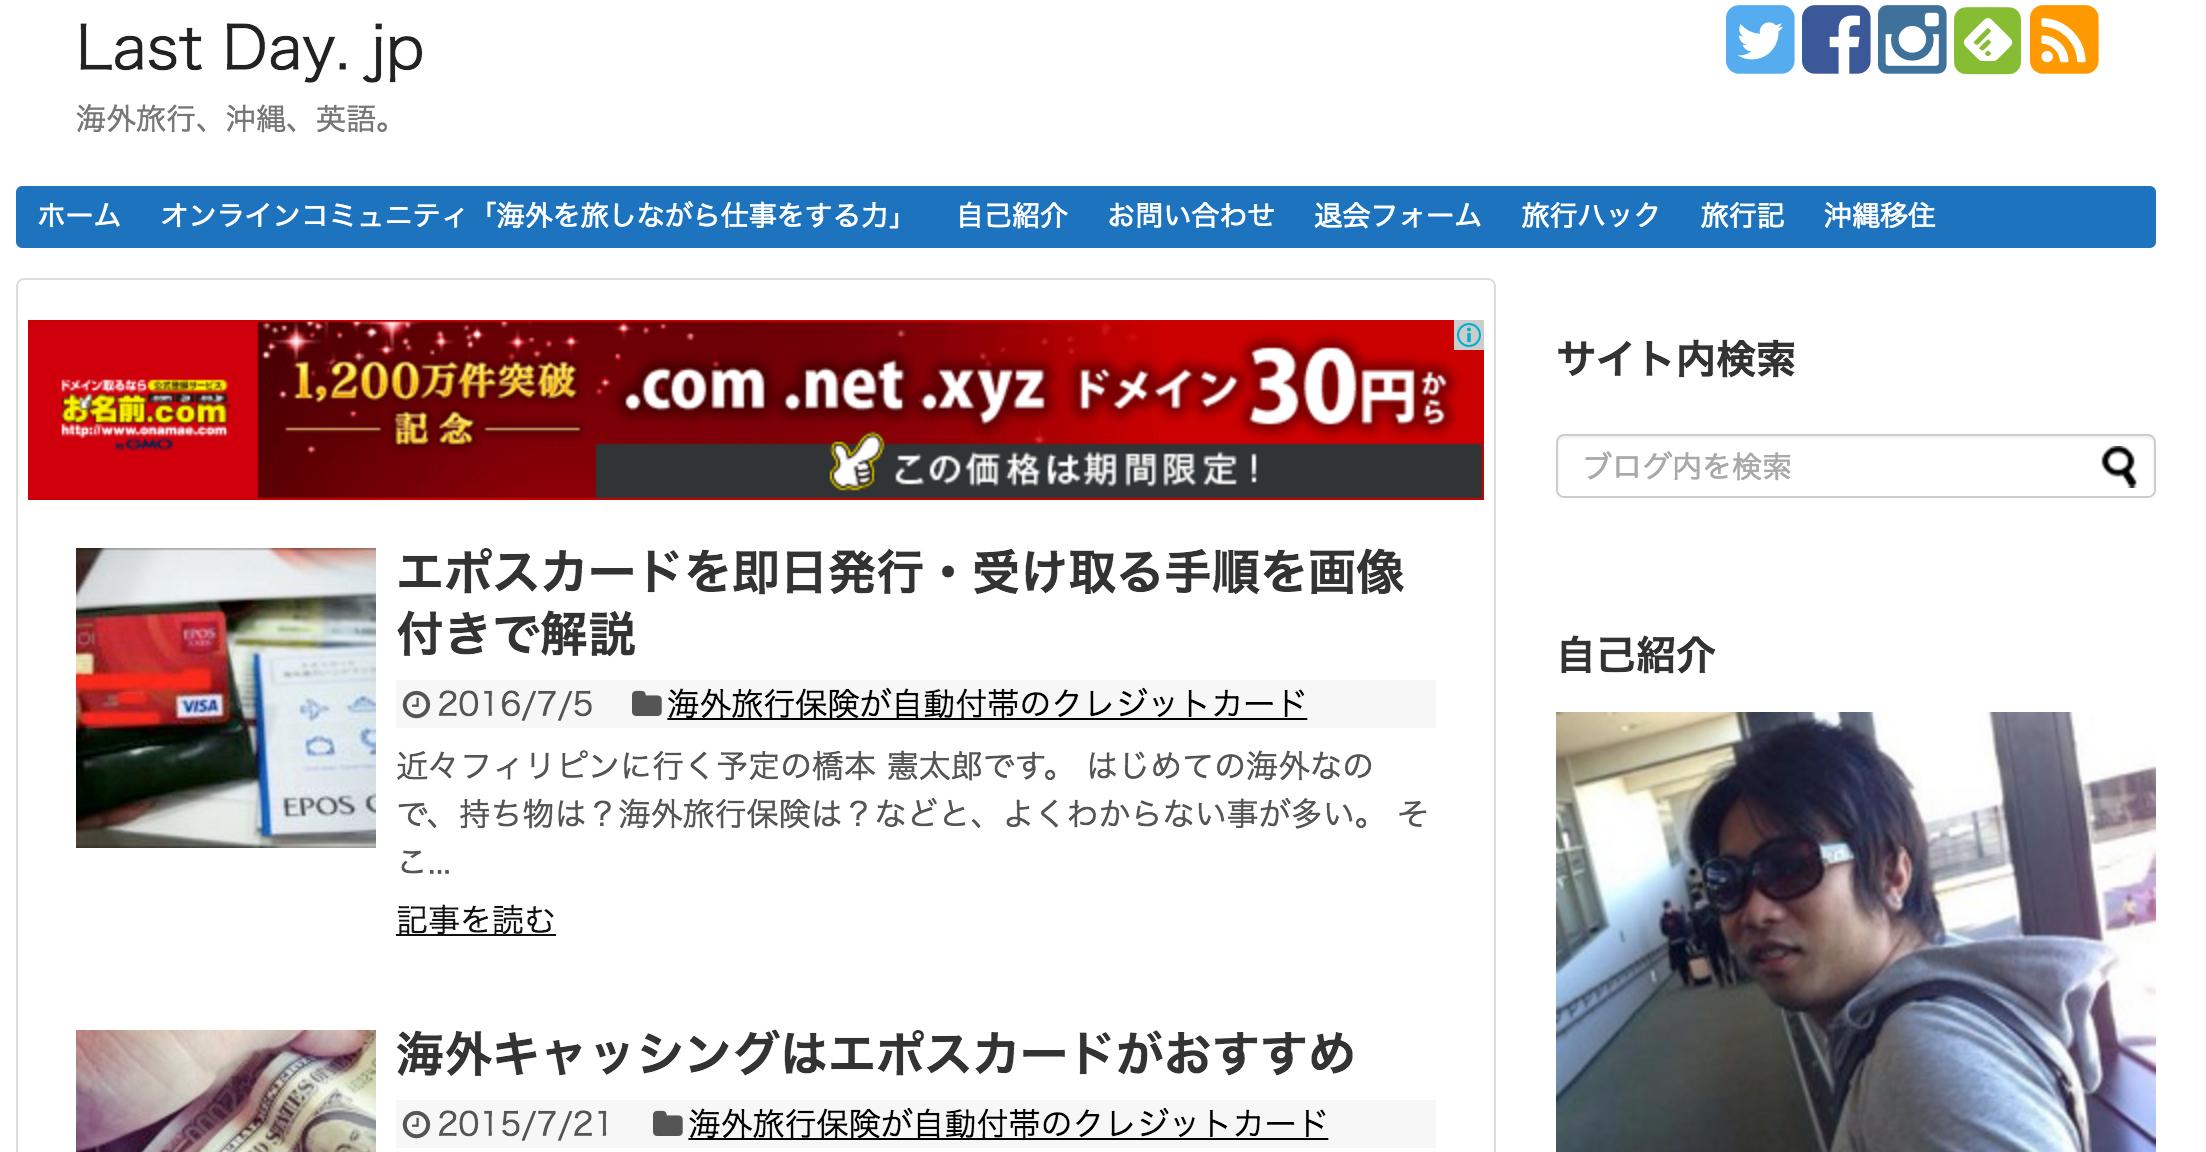 海外旅行、沖縄、英語。ブログ「Last Day.jp」で記事を書きました